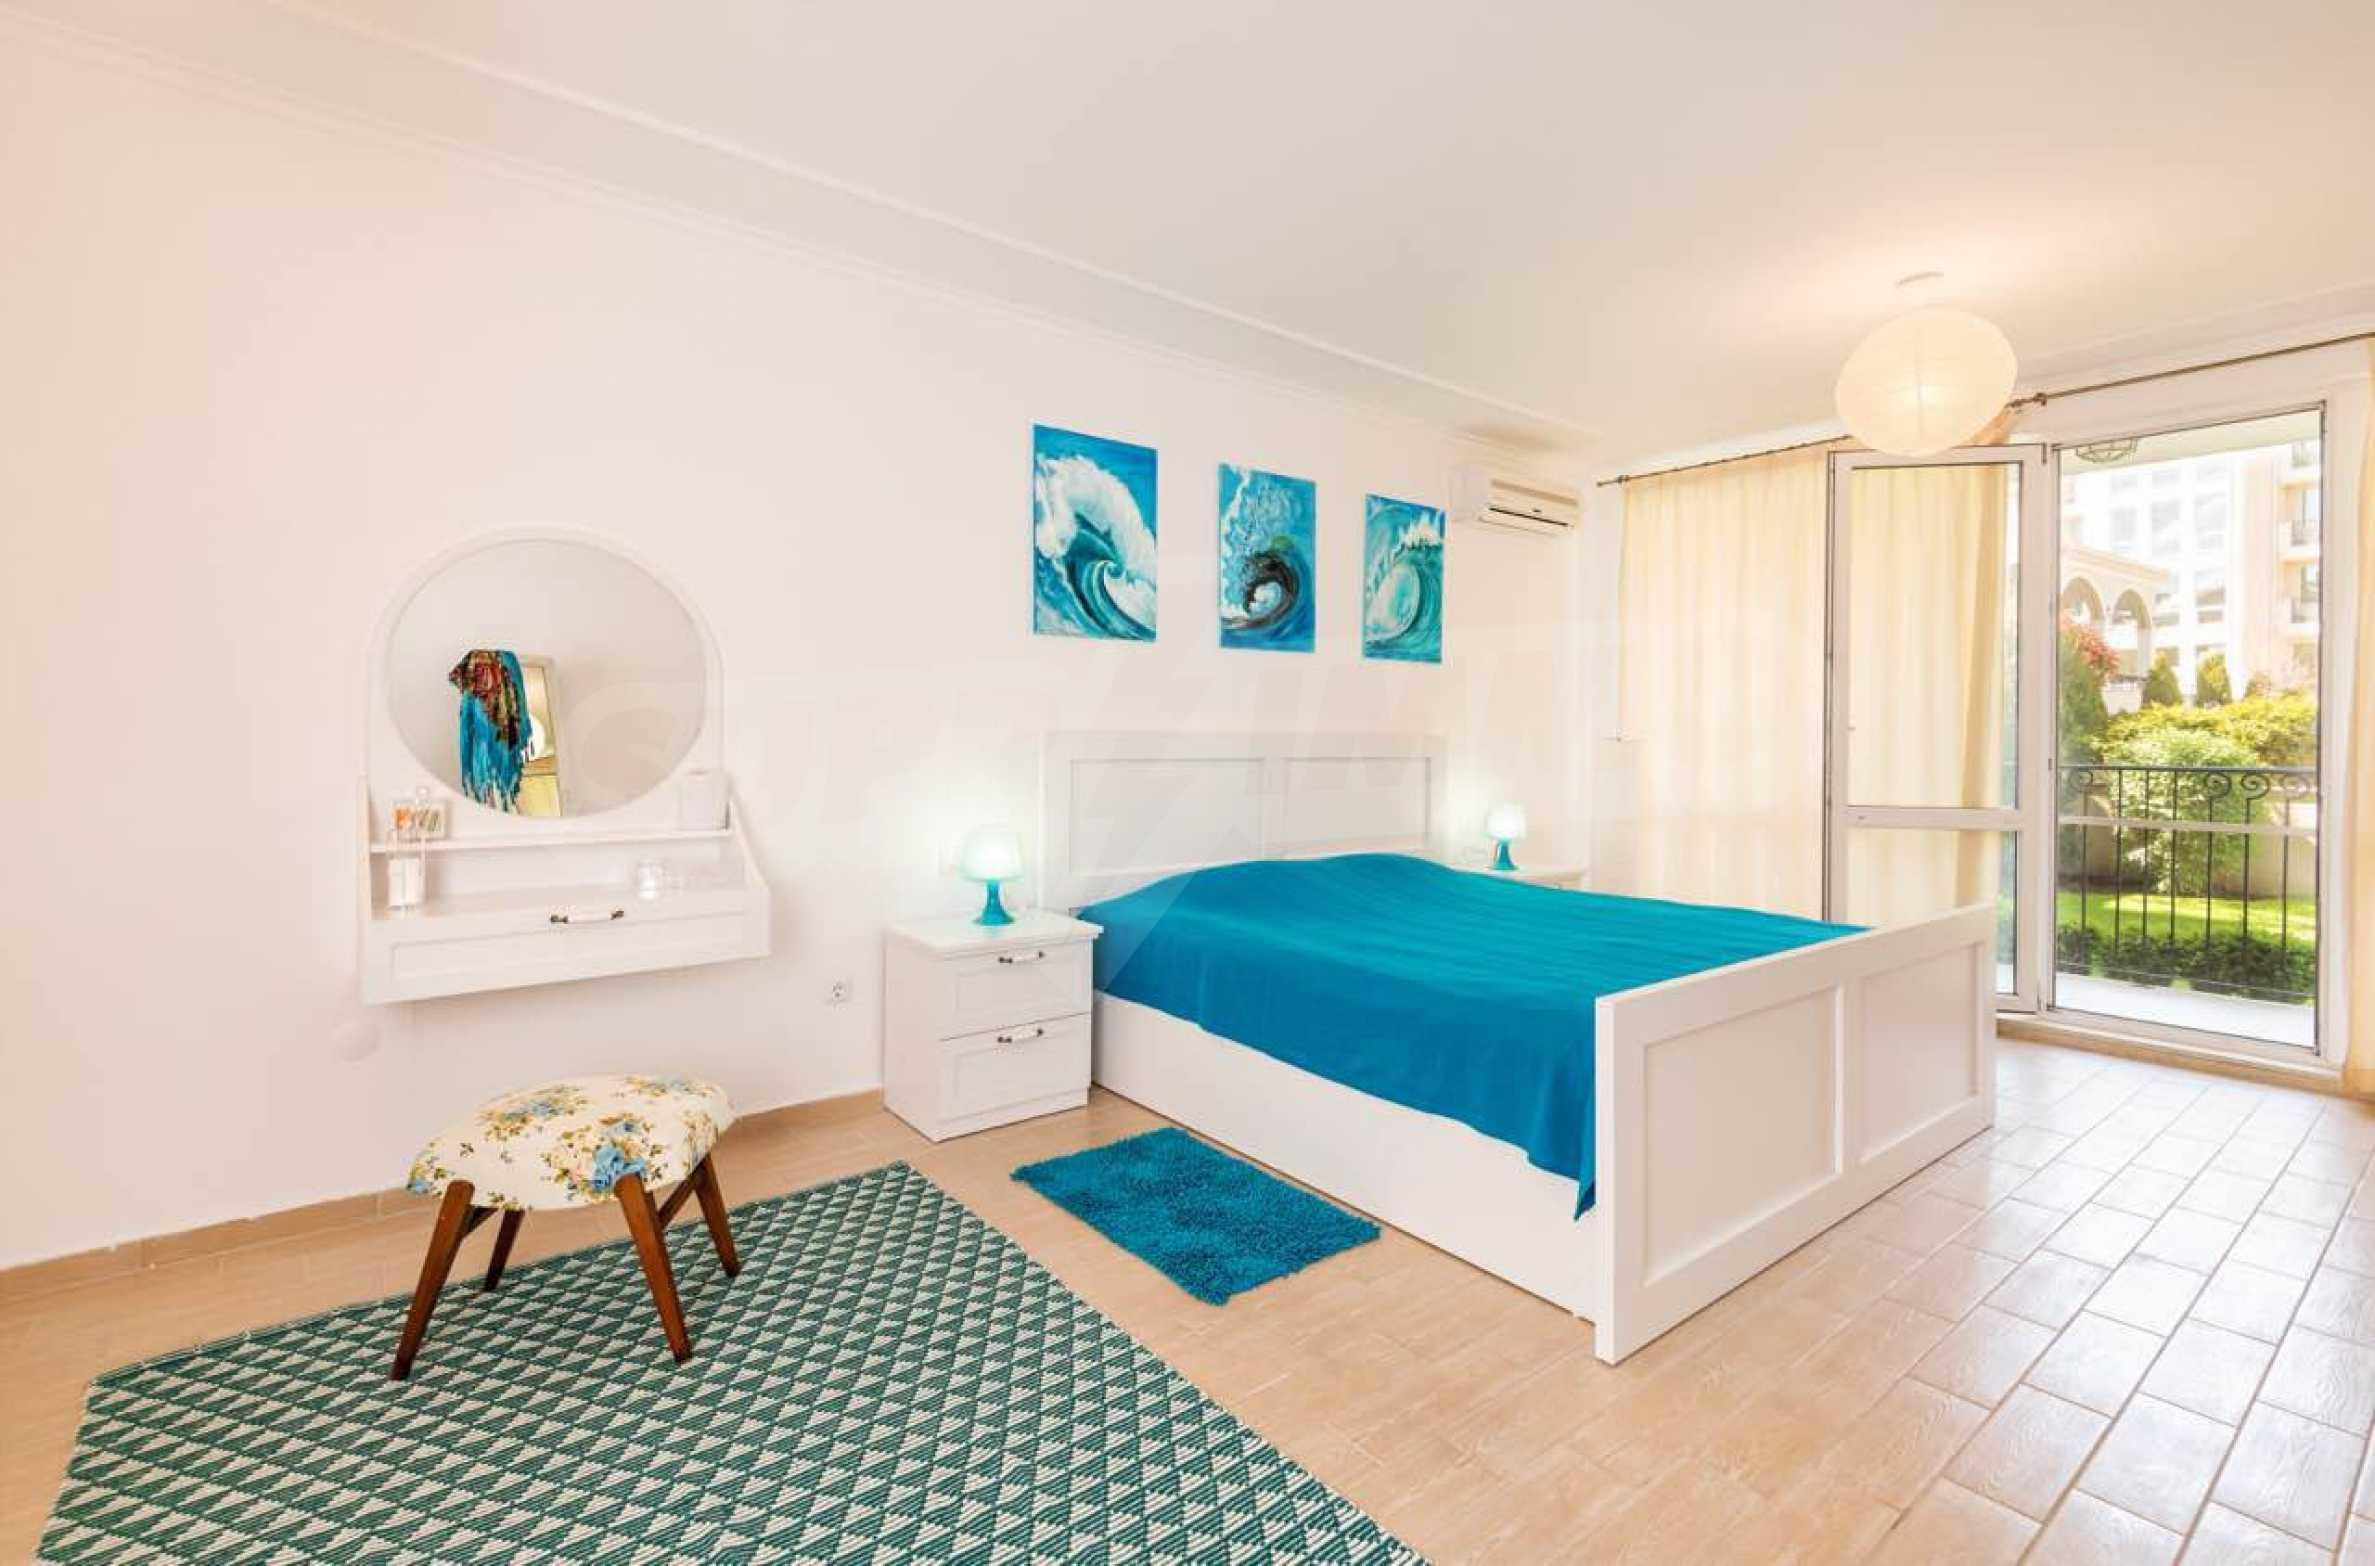 Стилен тристаен апартамент в гр. Черноморец 13